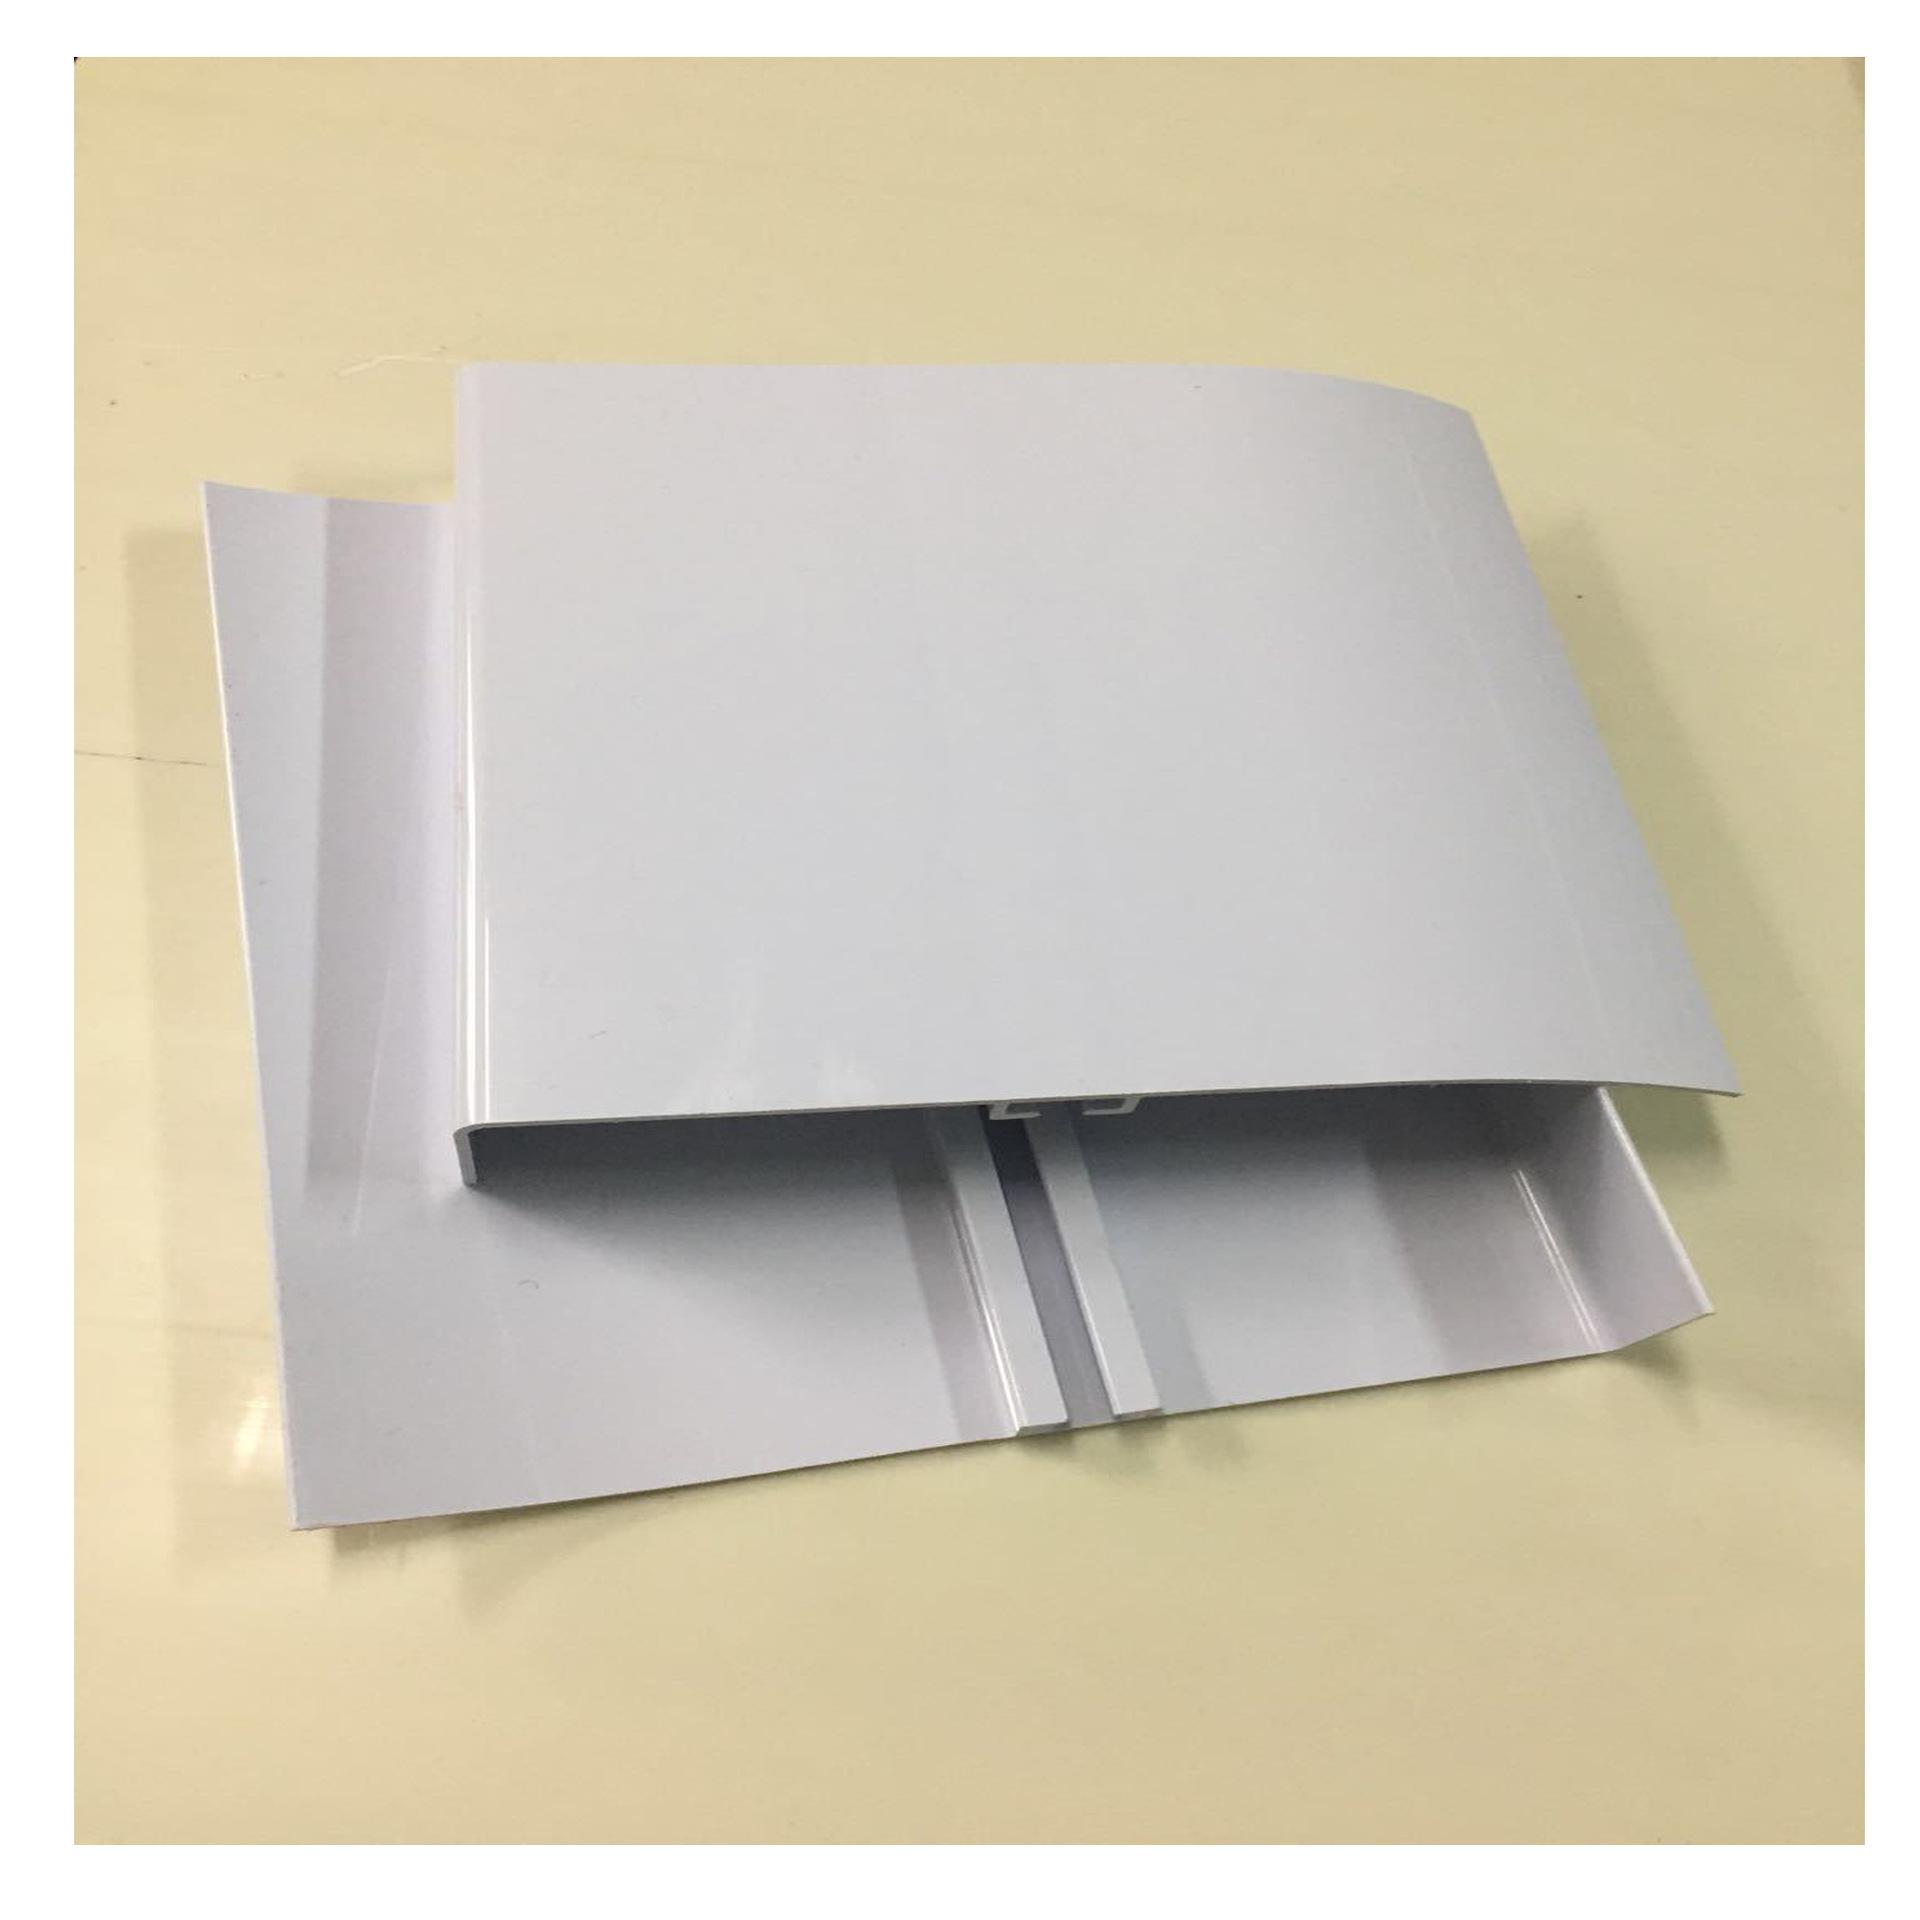 Nhà máy trực tiếp PVC đùn hồ sơ điều hòa không khí kính chắn gió kích thước chính xác đảm bảo chất l